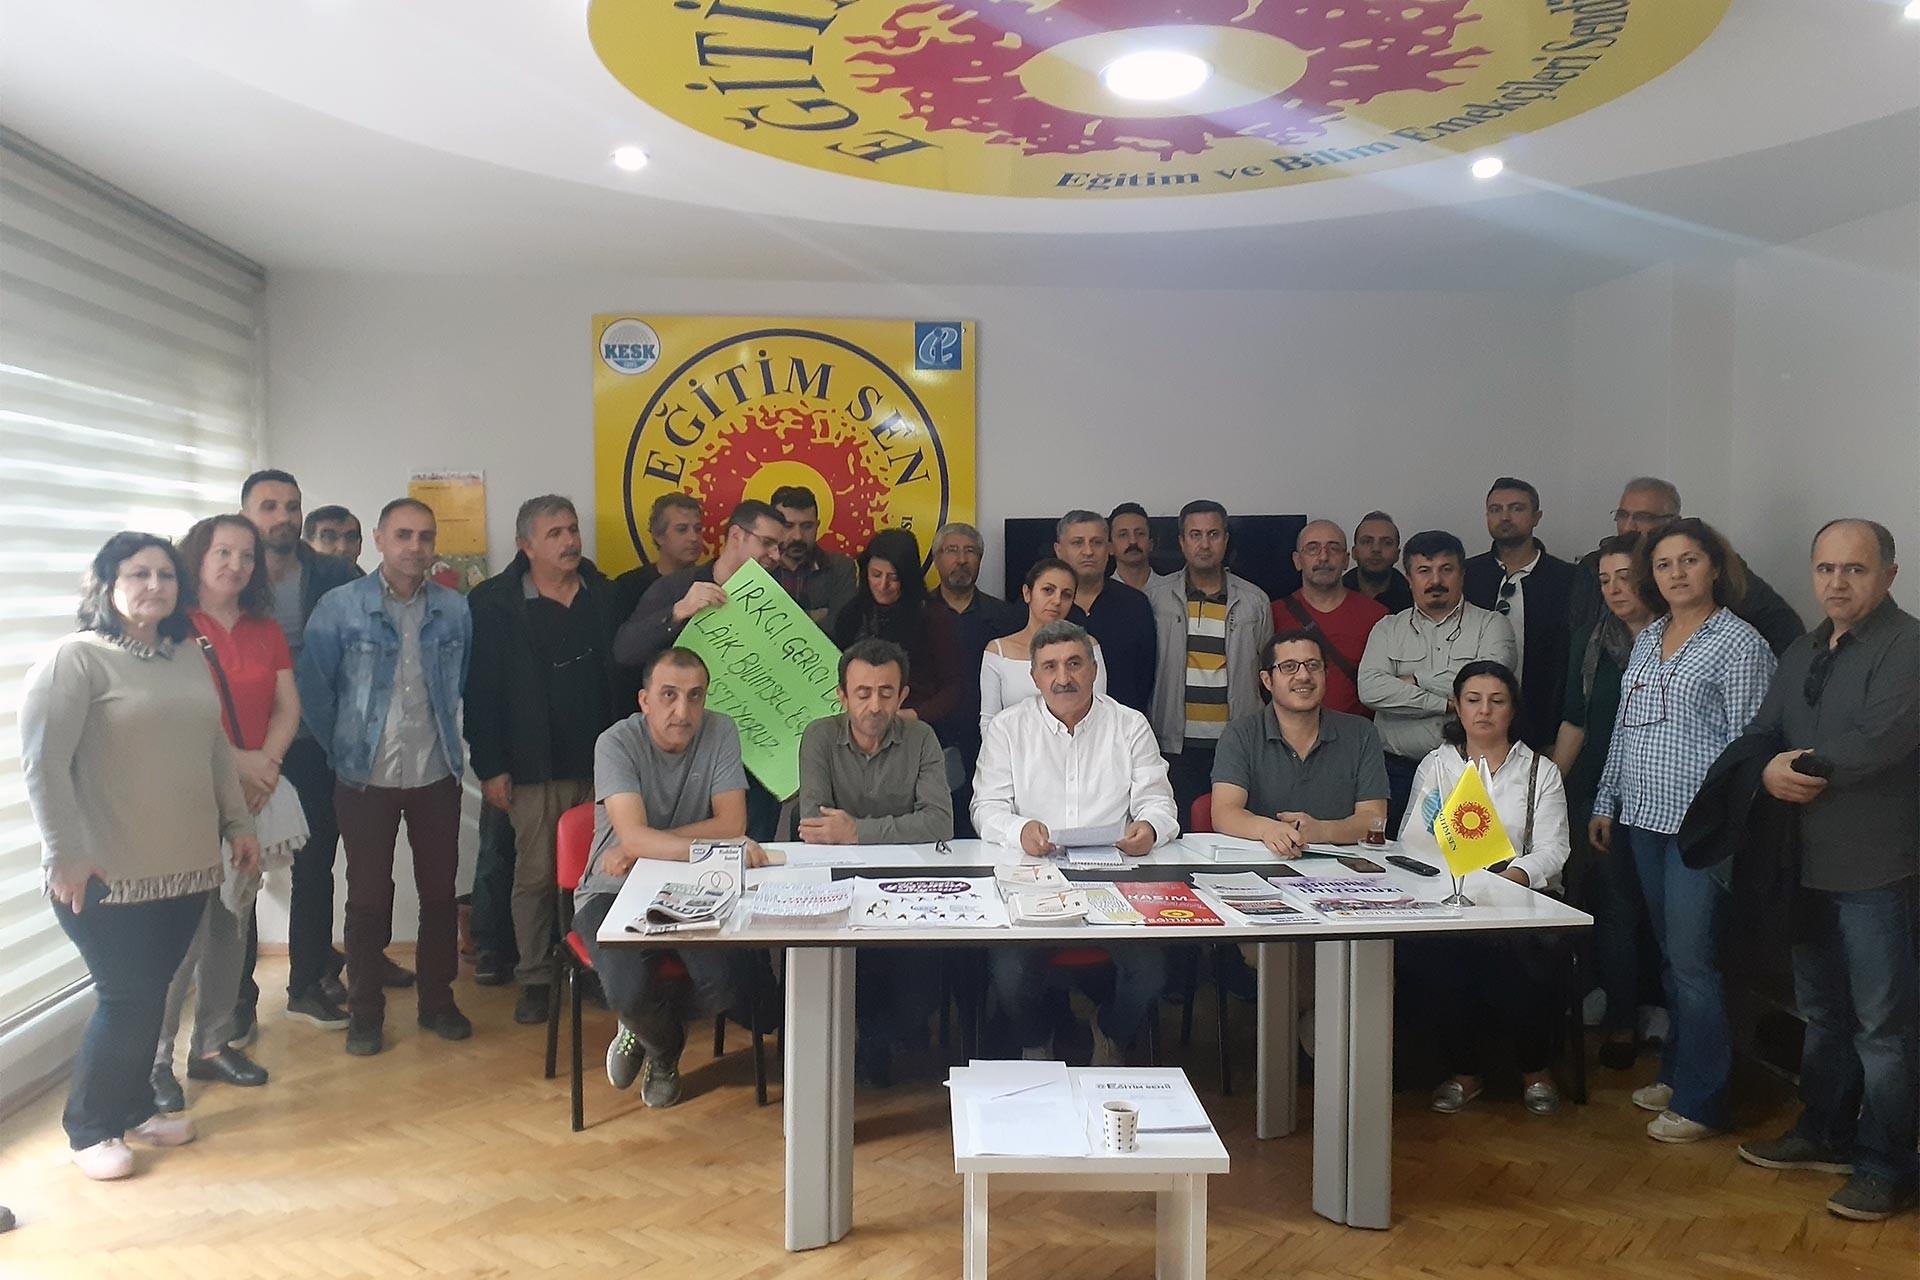 Eğitimin dinselleştirilmesine karşı basın toplantısı düzenleyen eğitim emekçileri